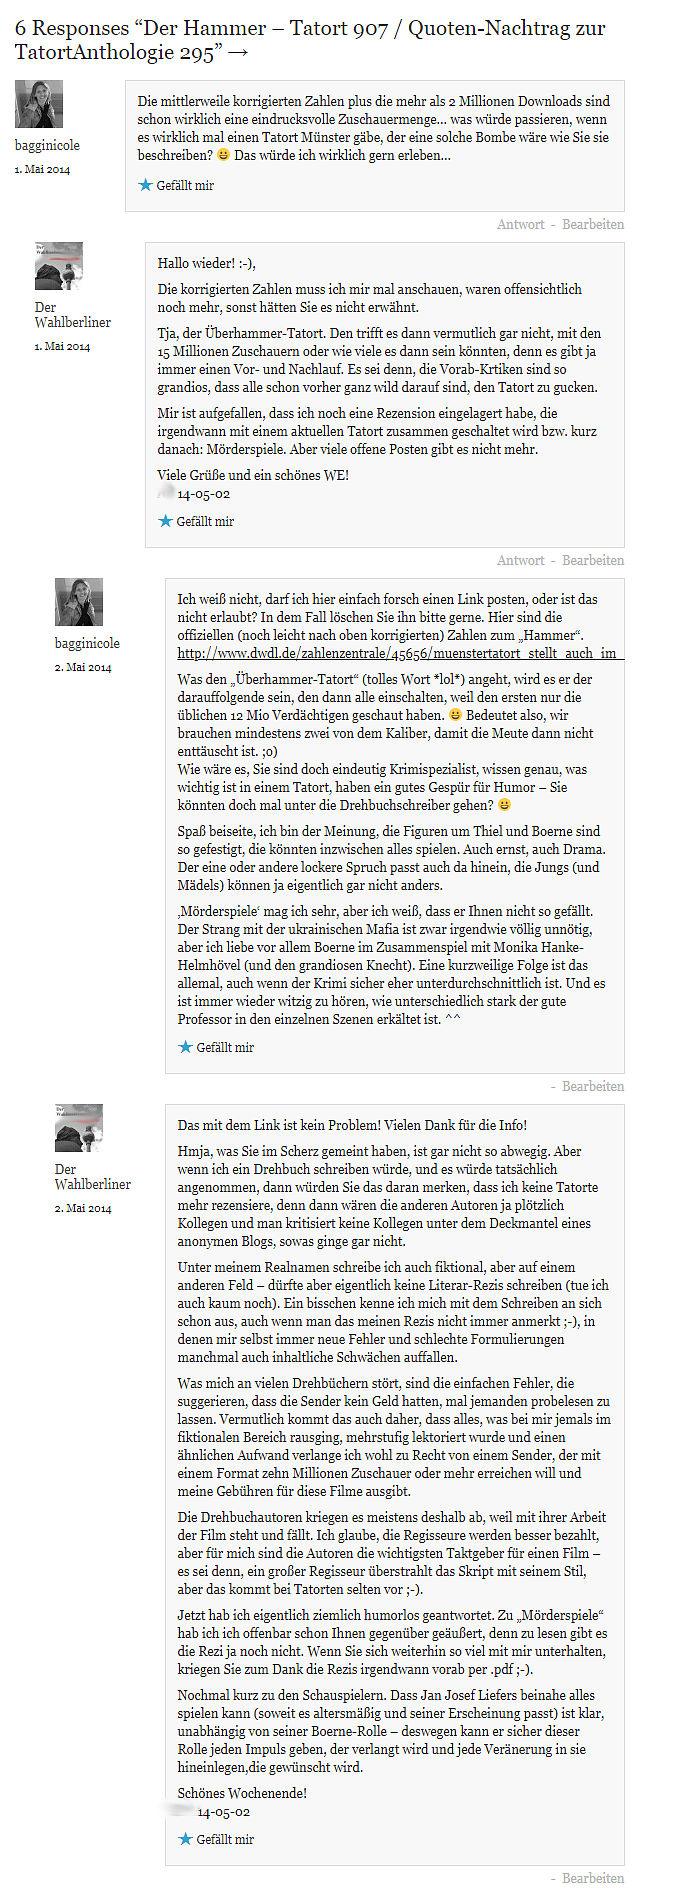 2019-03-28 Tatort 907 Der Hammer Kommentare Nachtrag zur Altrezension üa